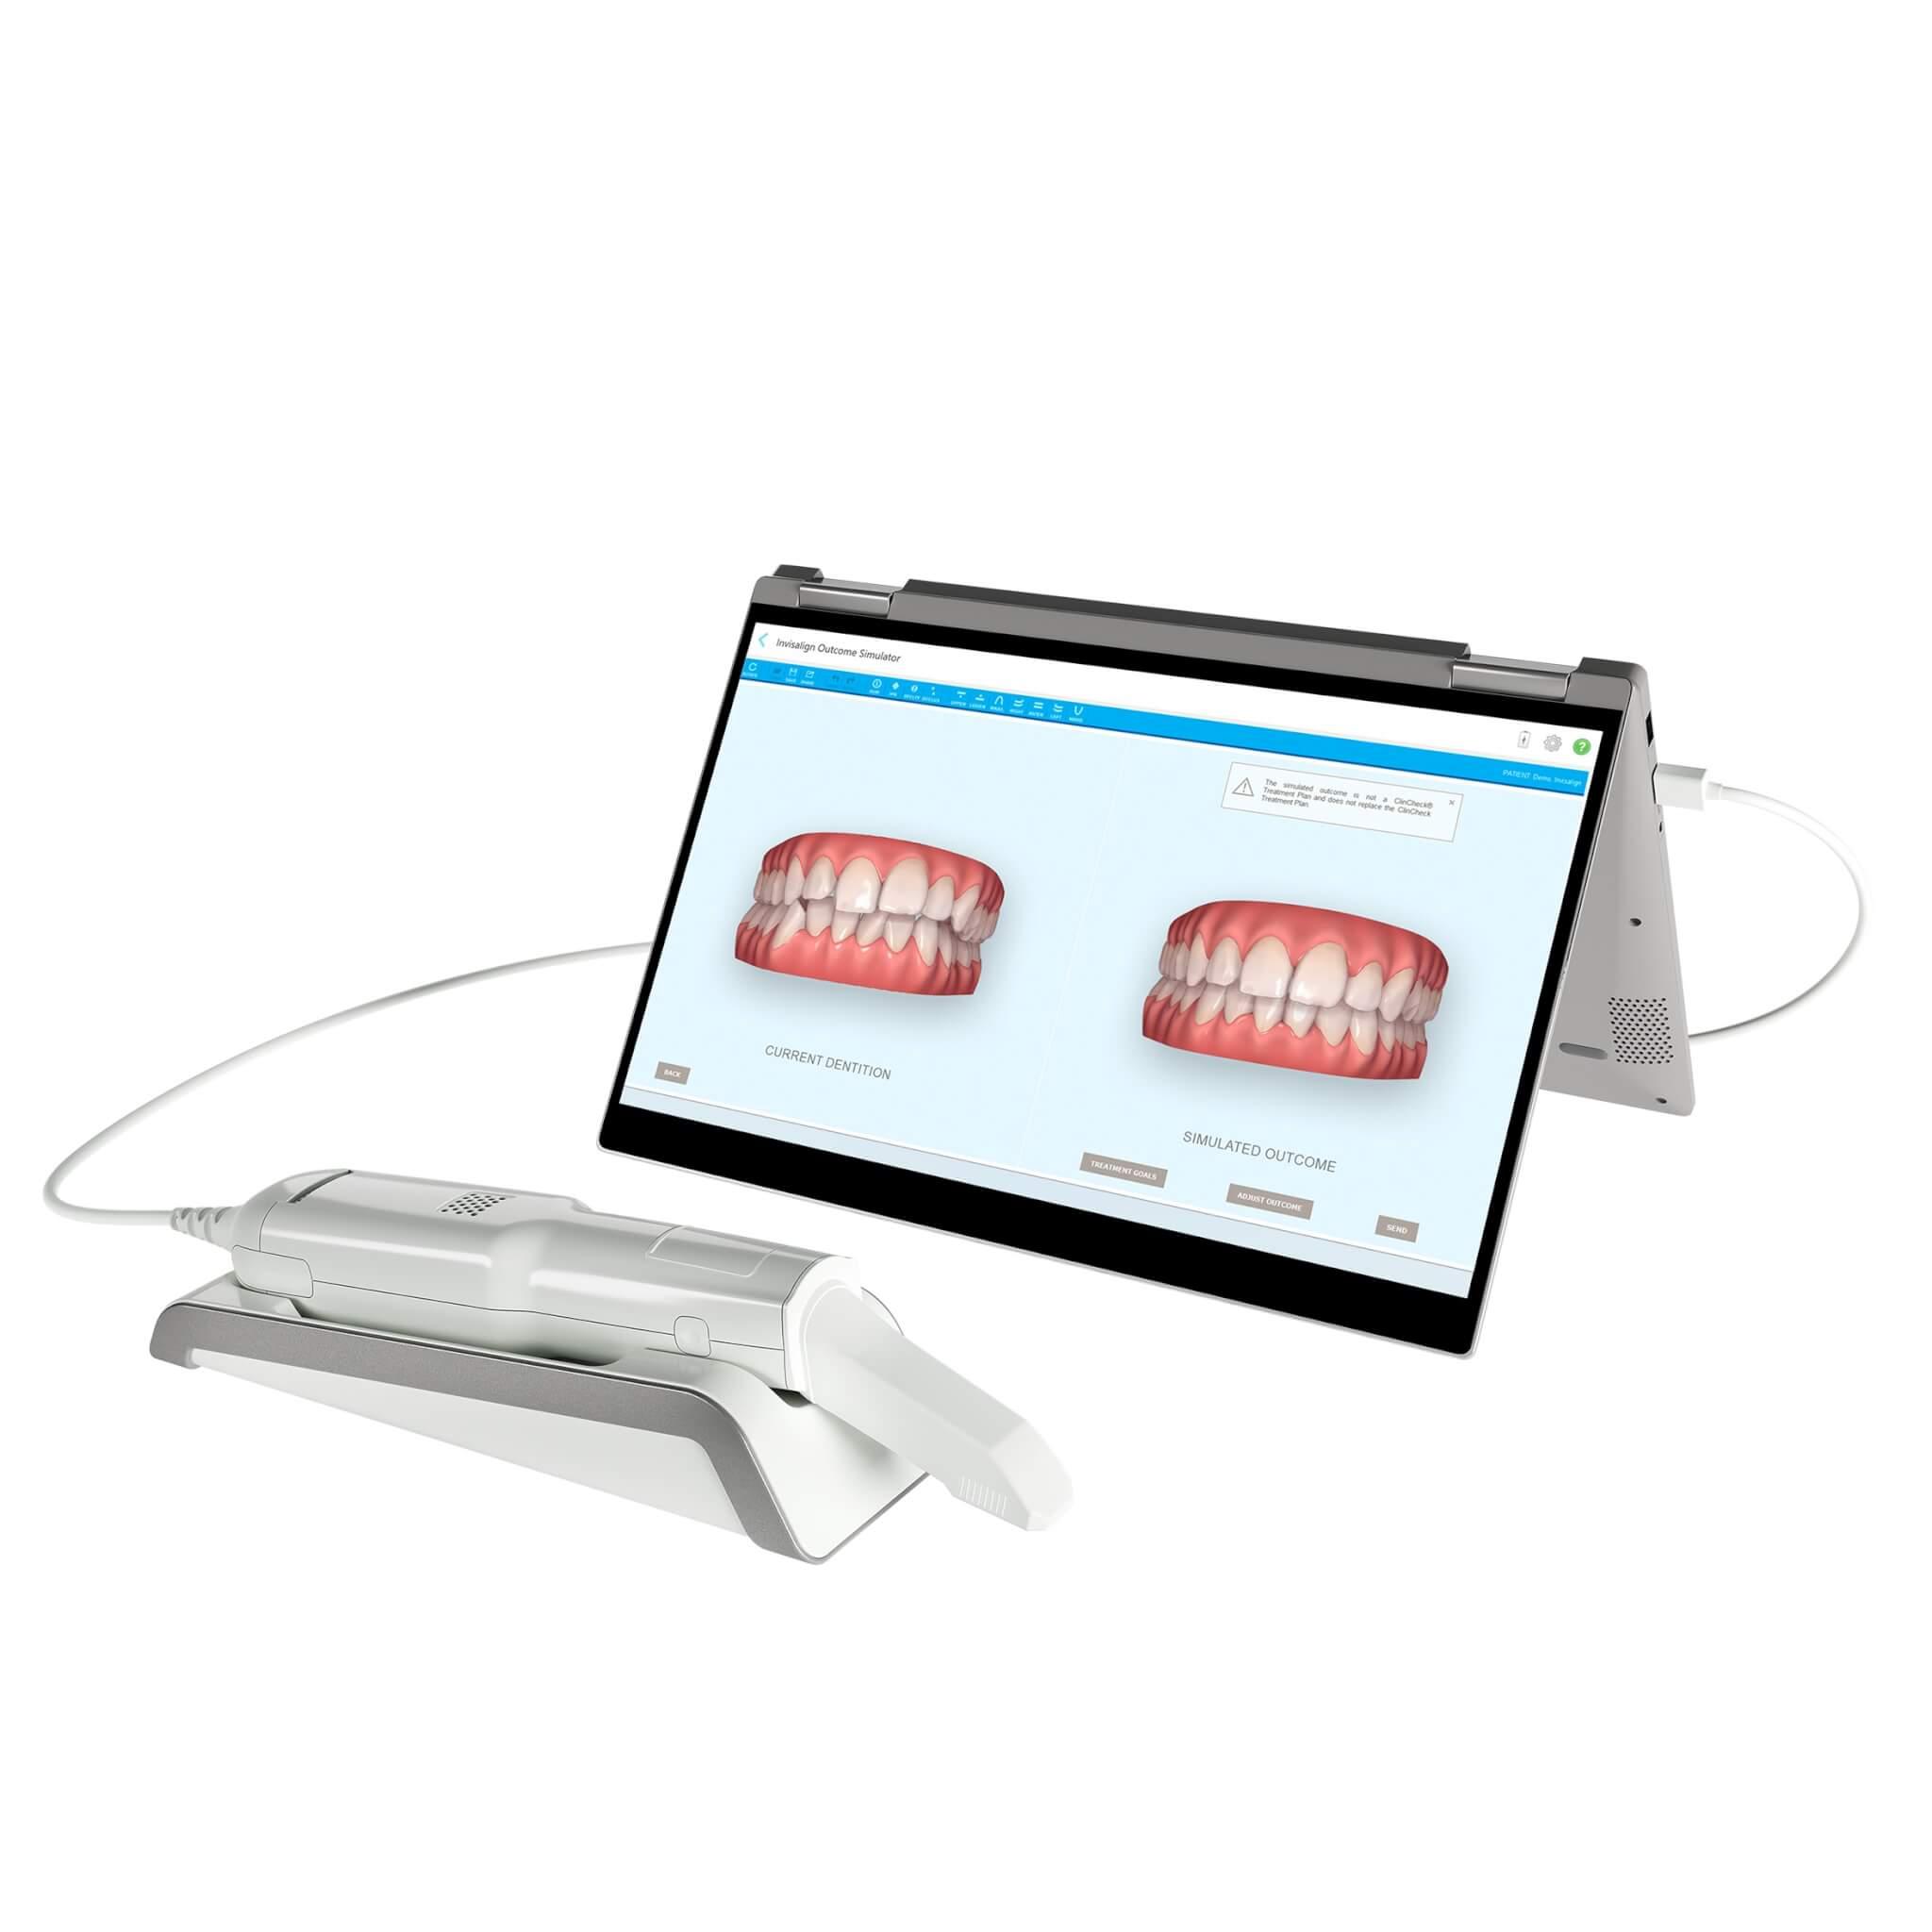 Kieferorthopäden in Essen Scan Simulation bei der Behandlung iTero ElementFlex